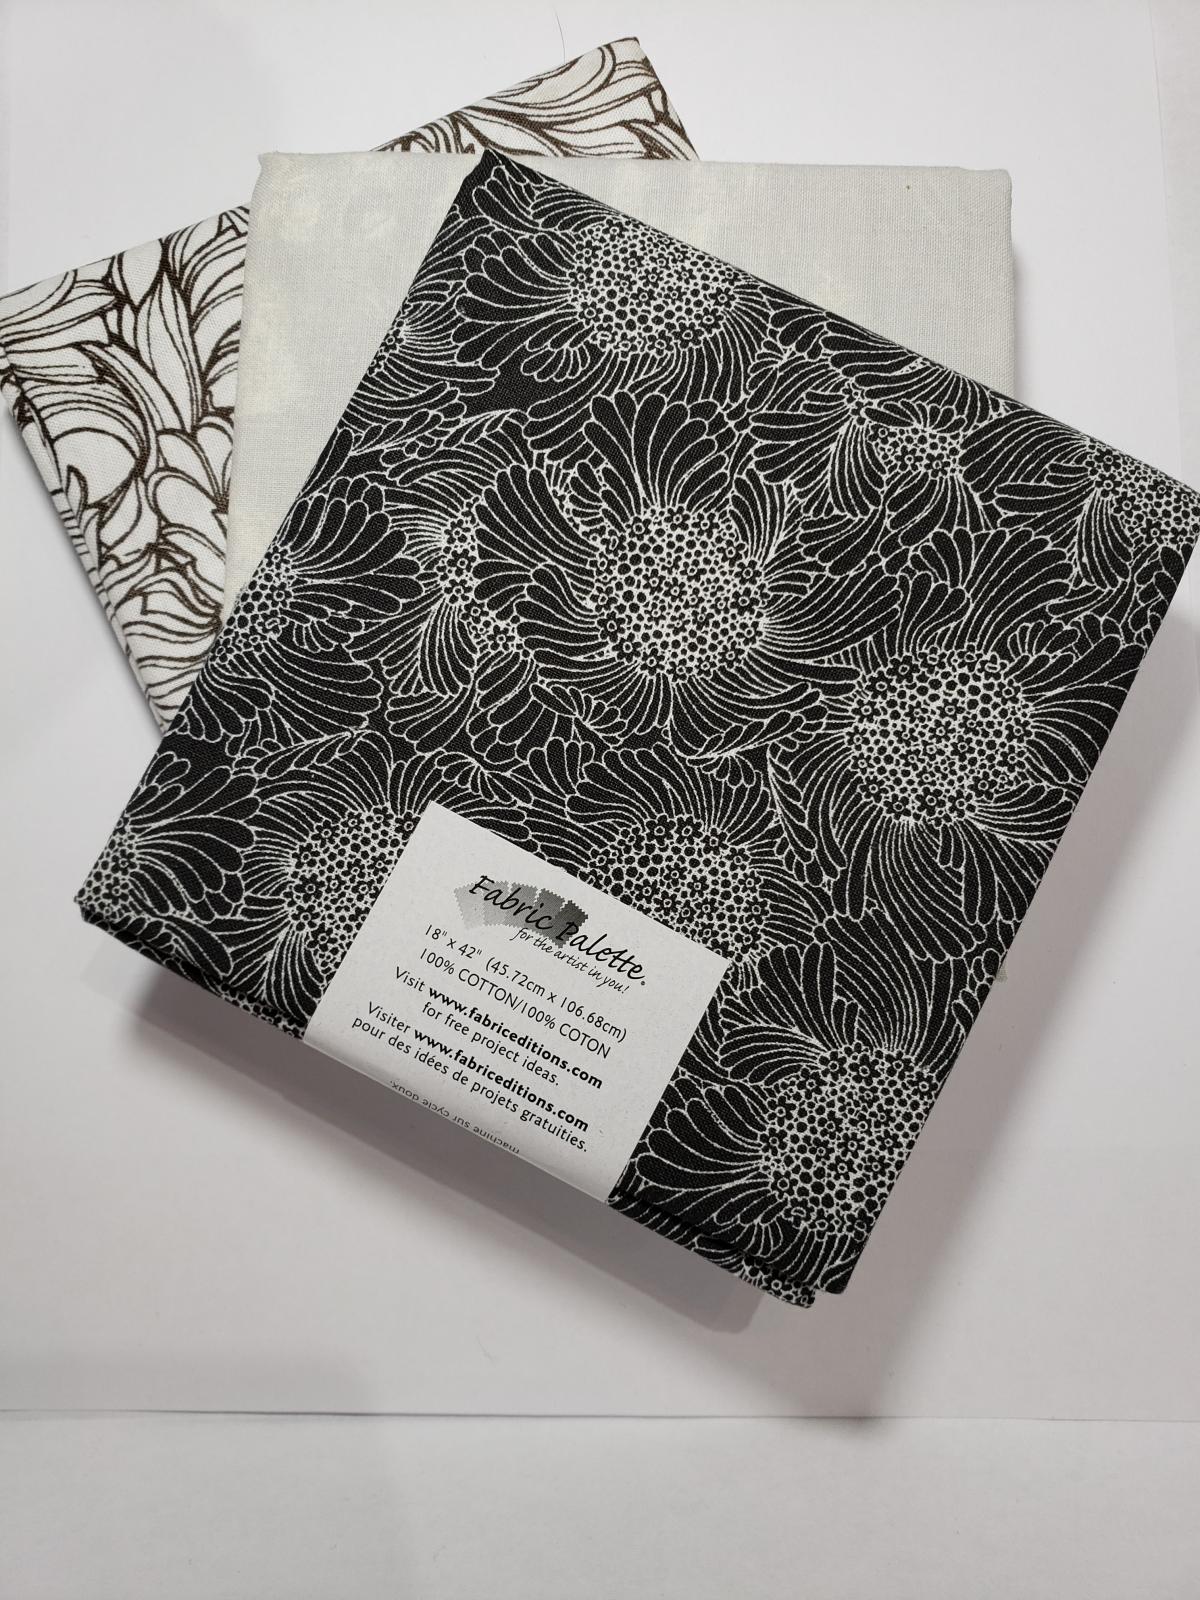 Half Yard Bundles (3 x 18x42) Black & White